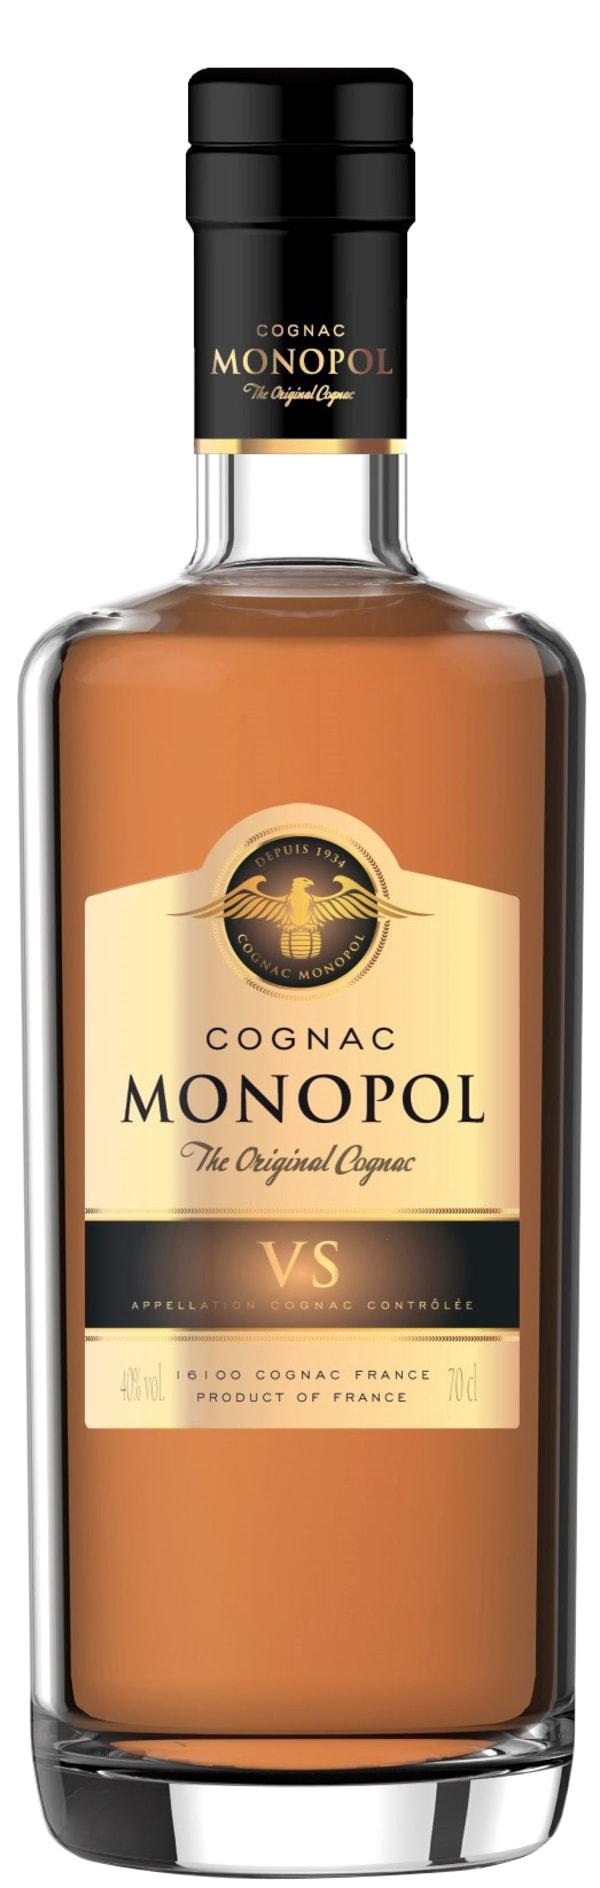 Monopol VS